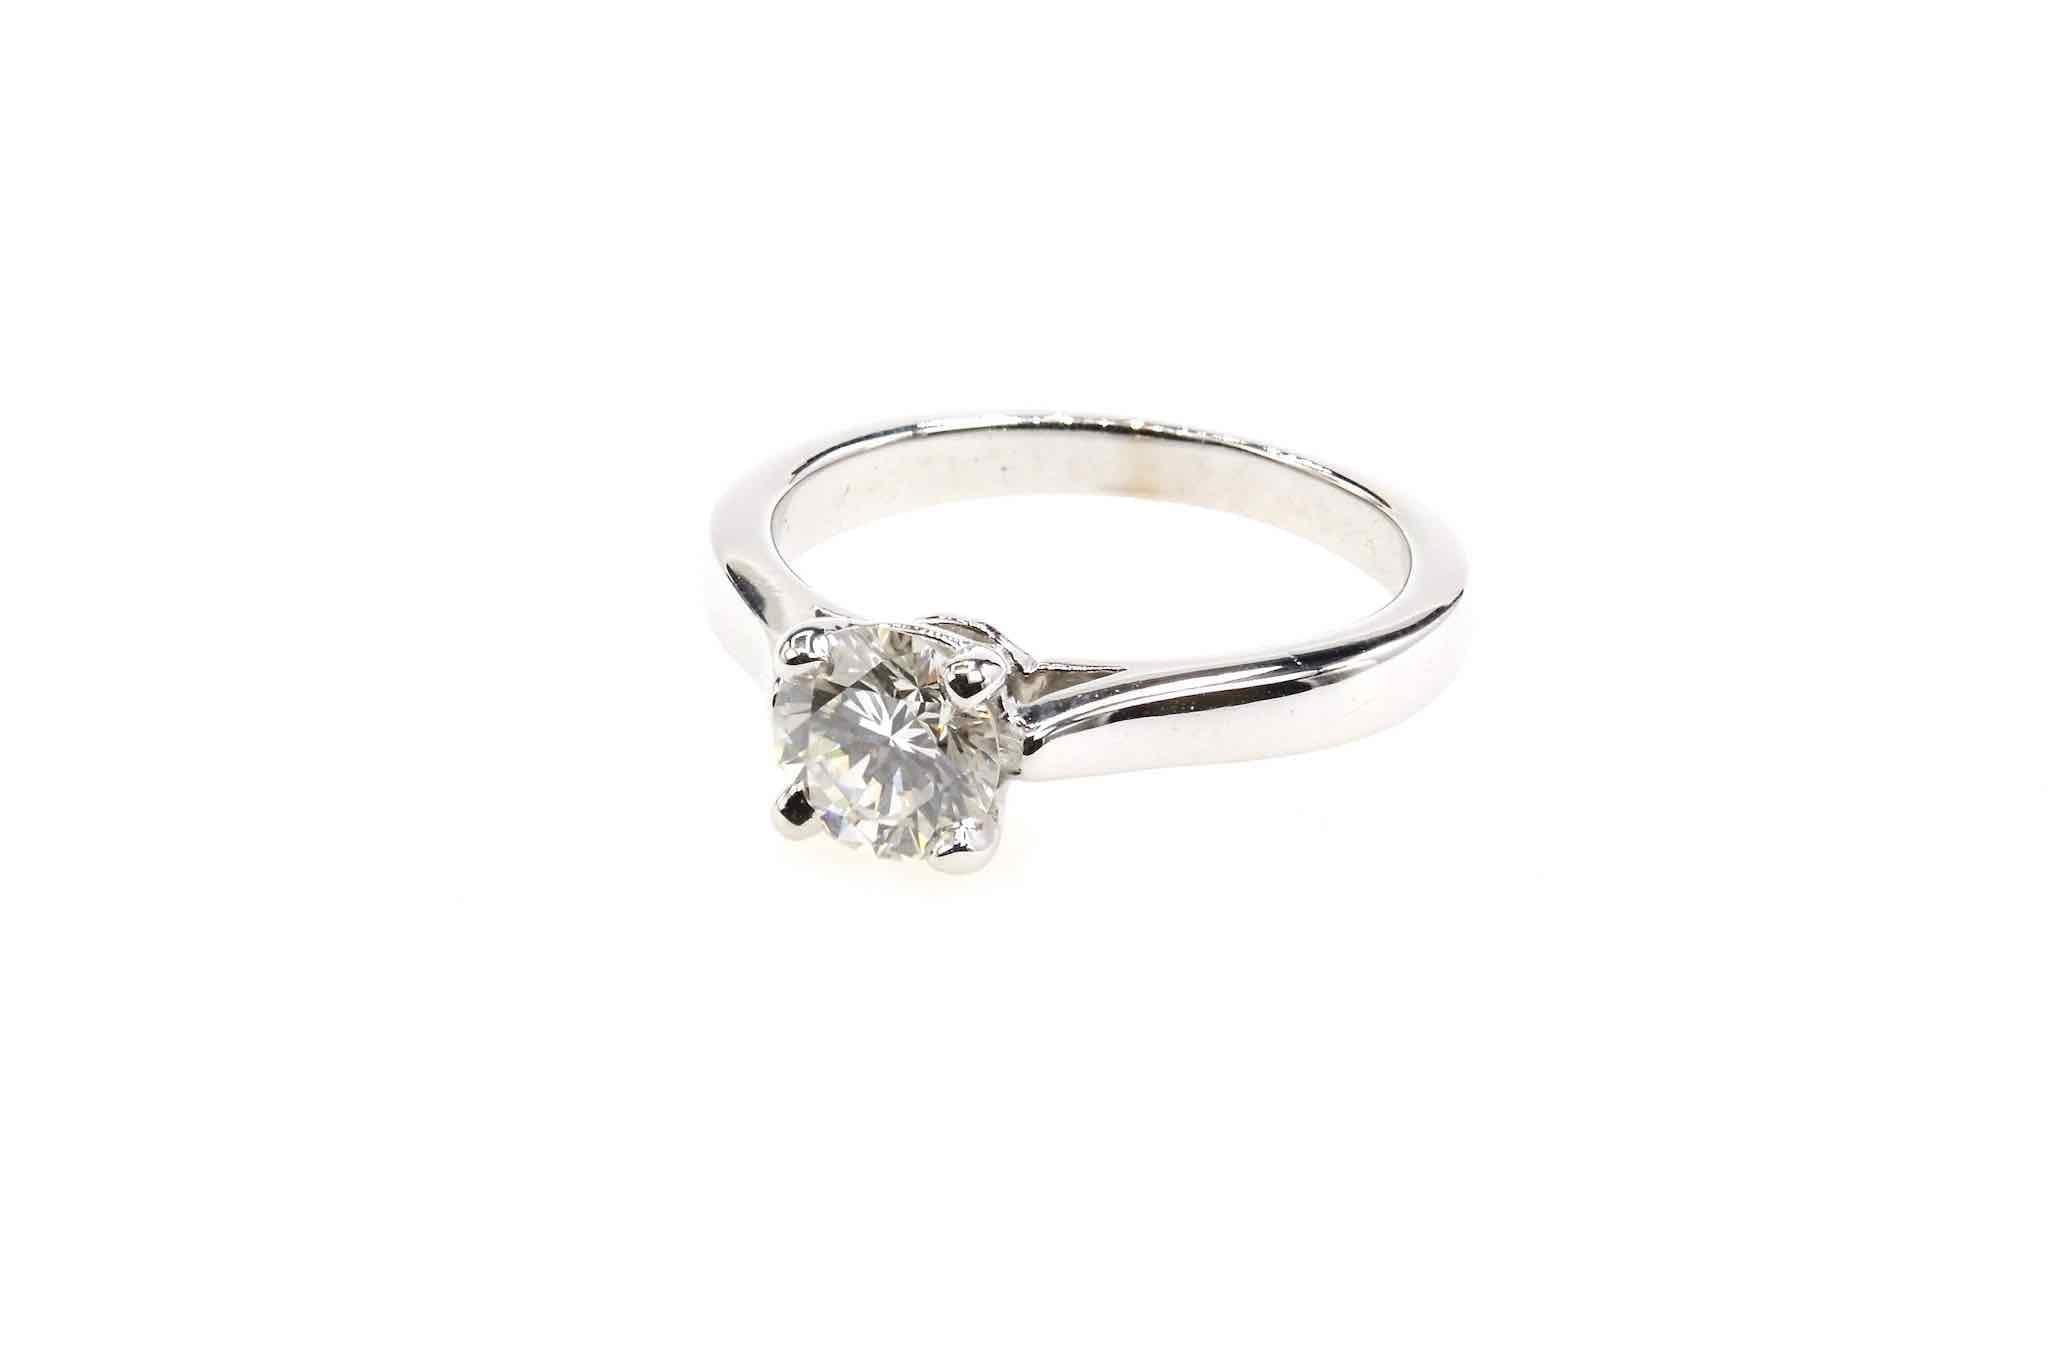 Bague vintage solitaire diamant